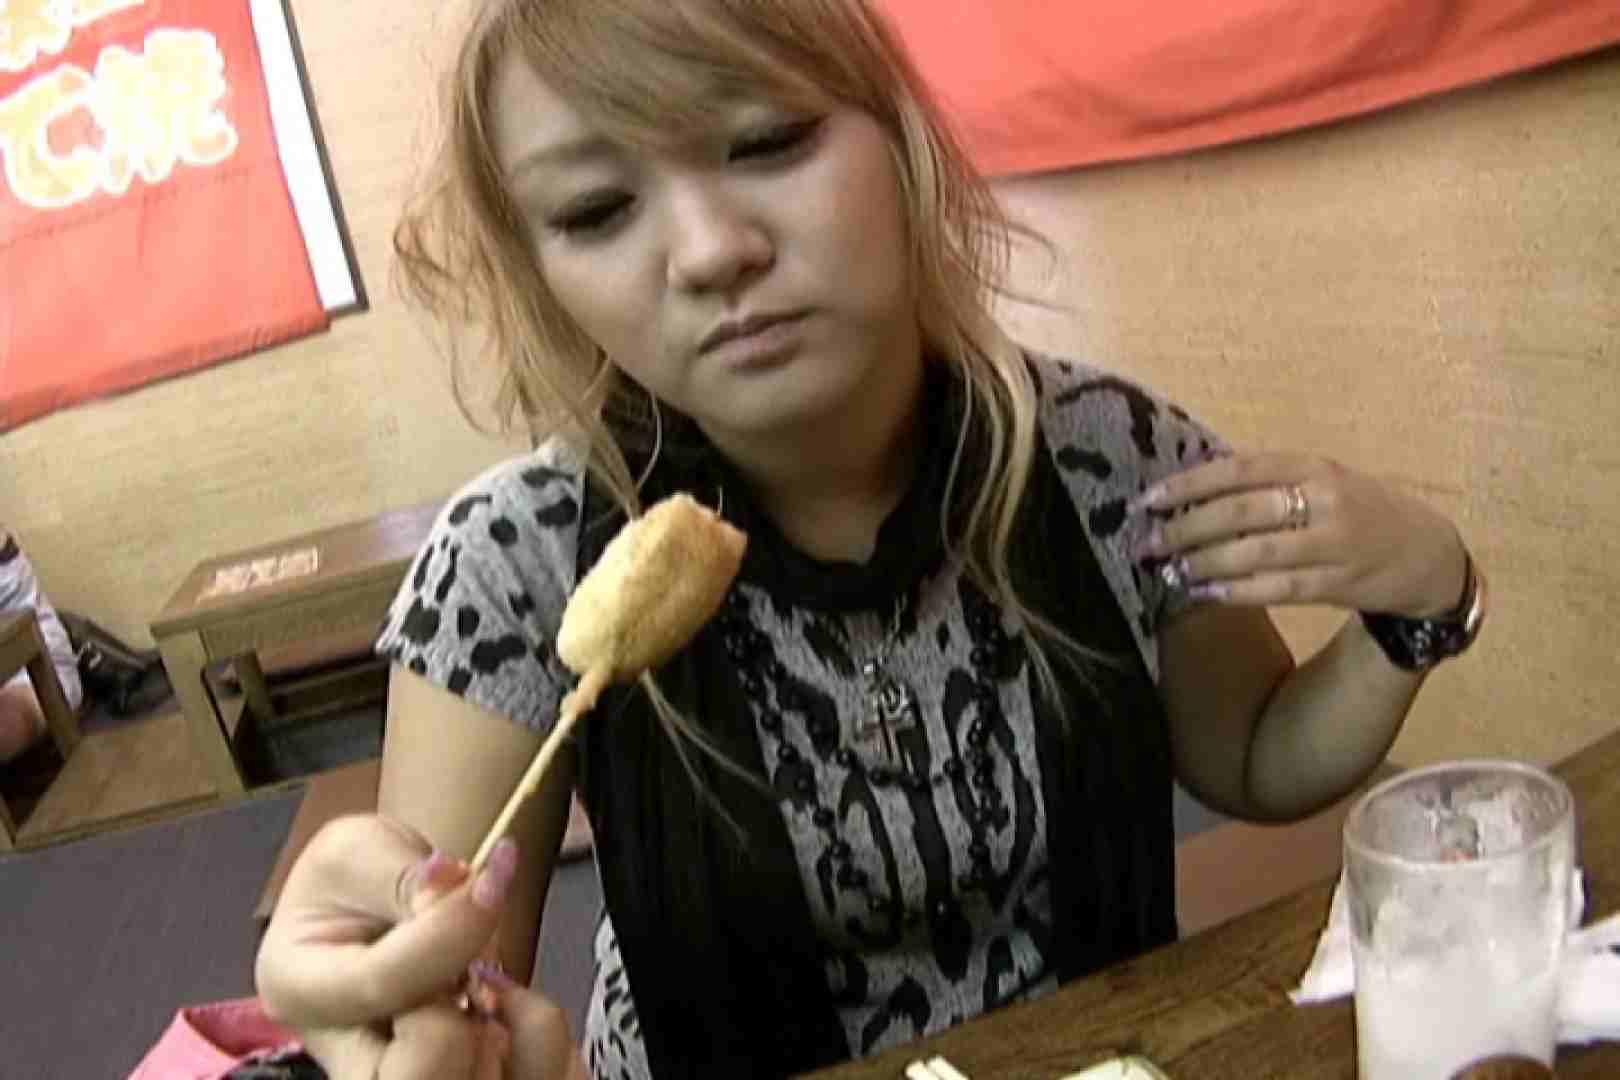 素人ナンパ本番撮り!出会い系でGET!Vol.01 現役ギャル   本番映像  85pic 81